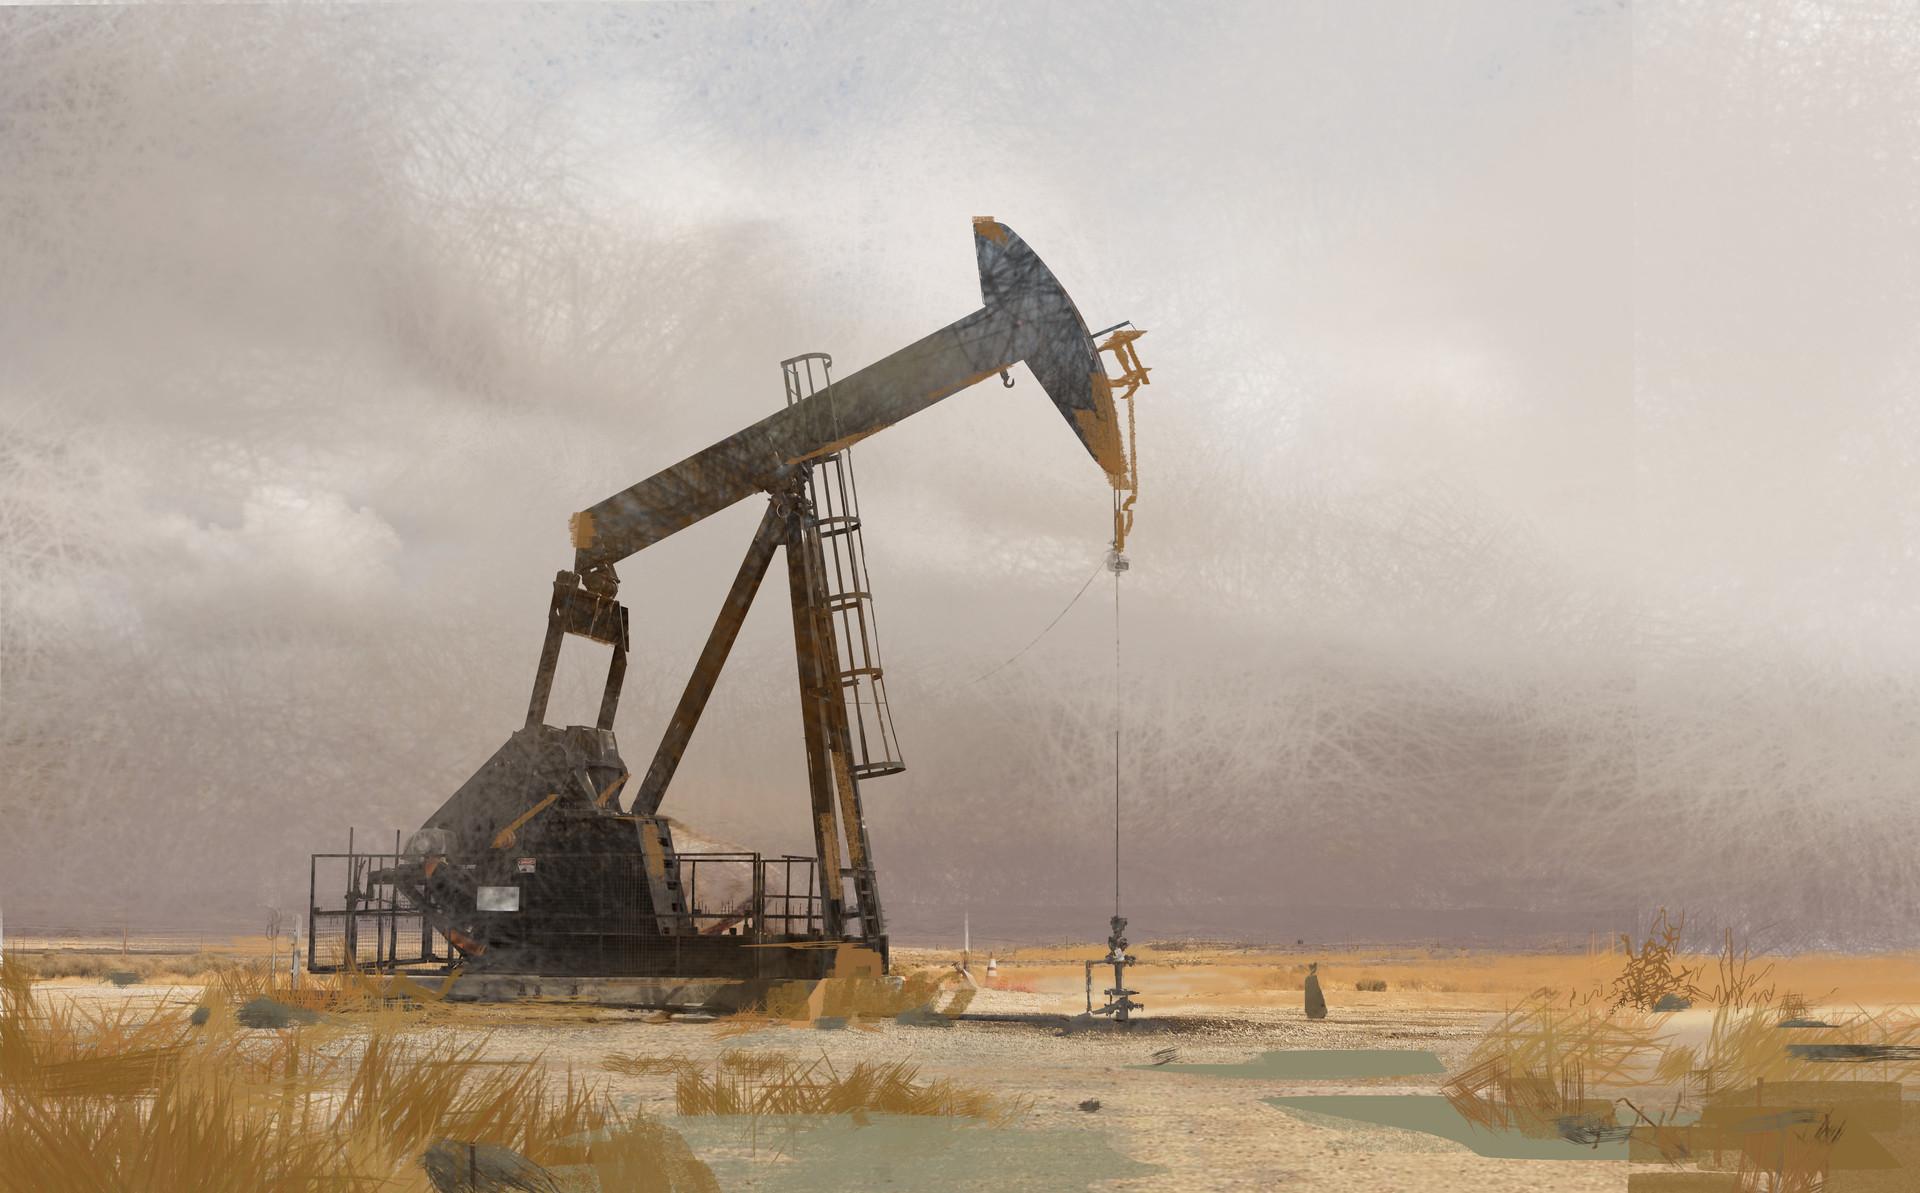 Yujin choo oilfield3 sketch